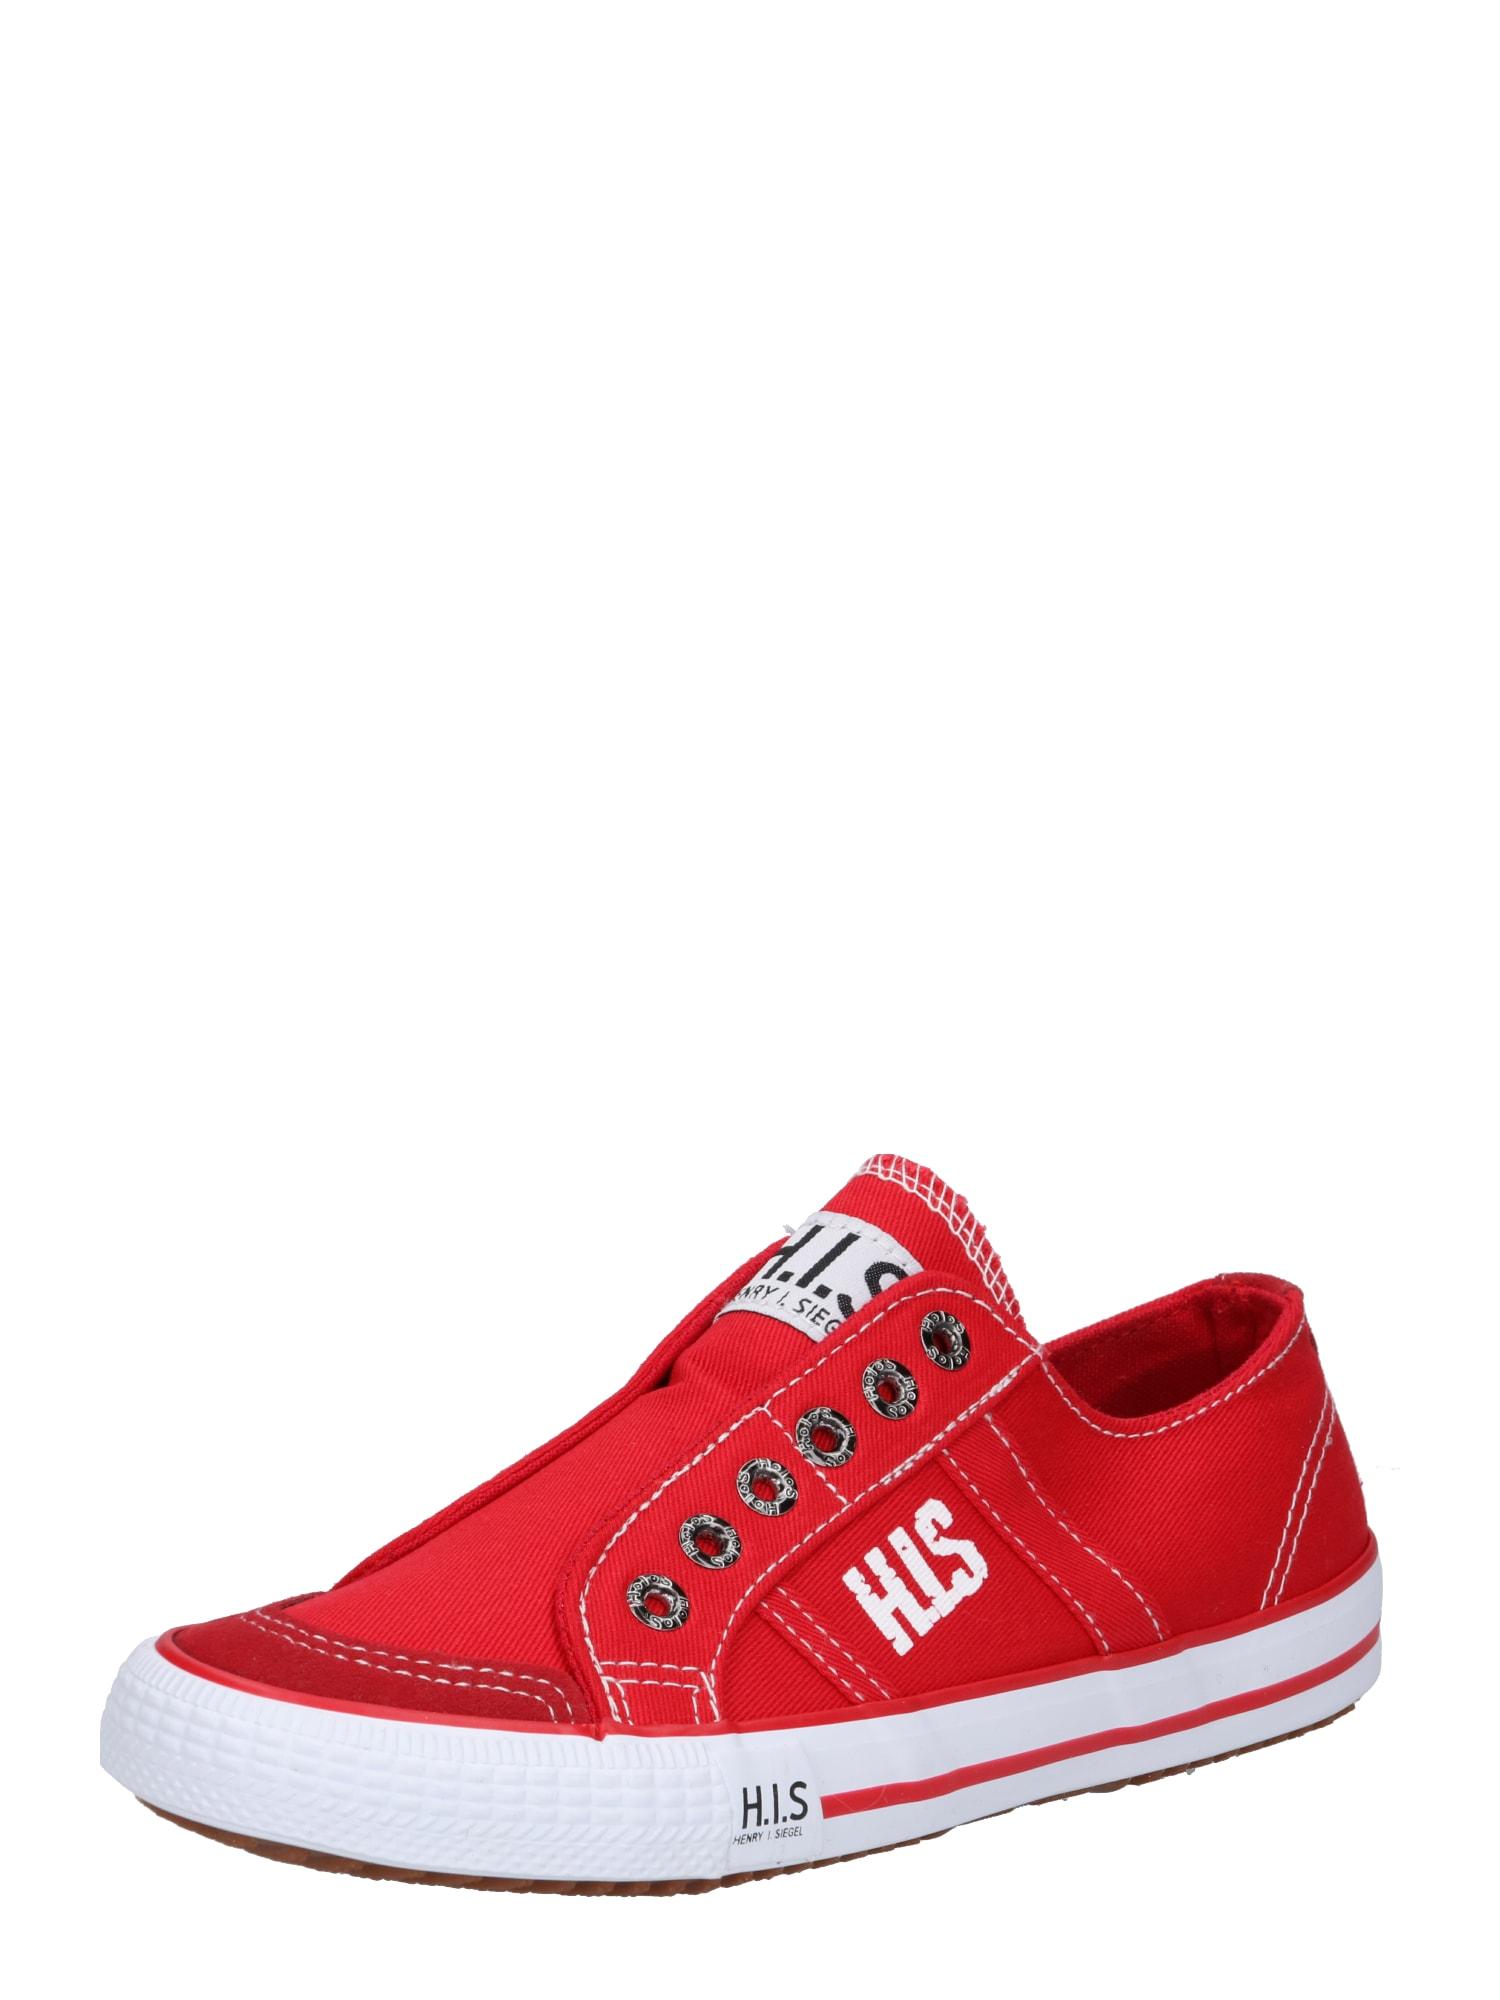 Tenisky ohnivá červená bílá H.I.S